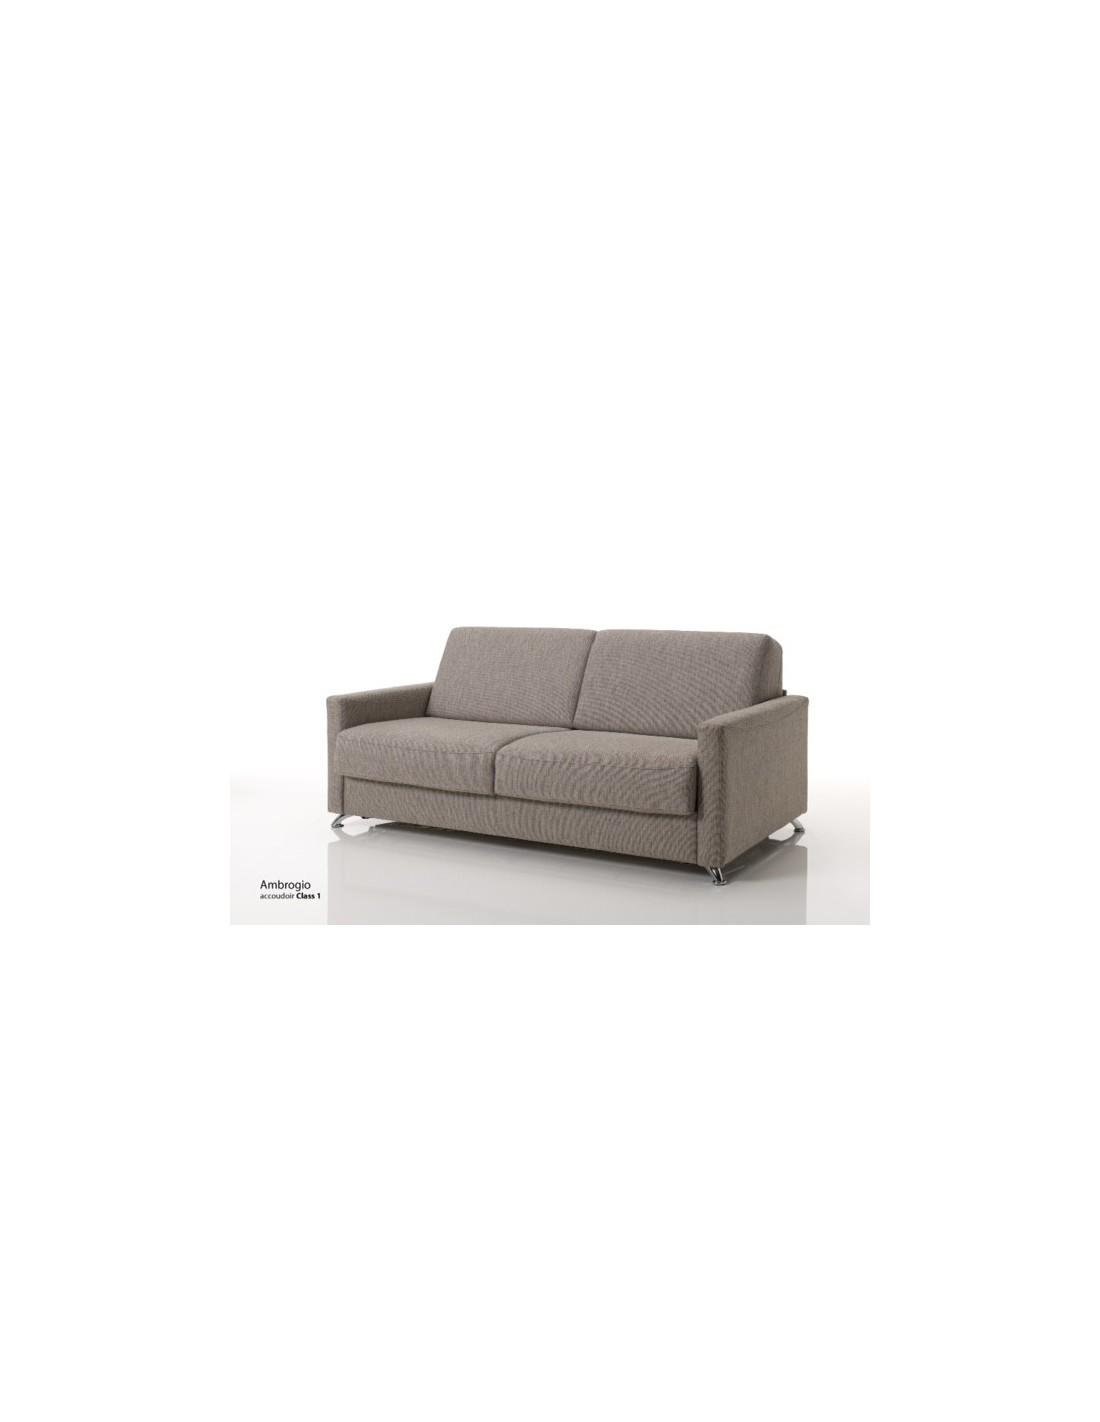 Materasso comodo alto 17 cm dentro un divano letto - Il miglior divano letto ...